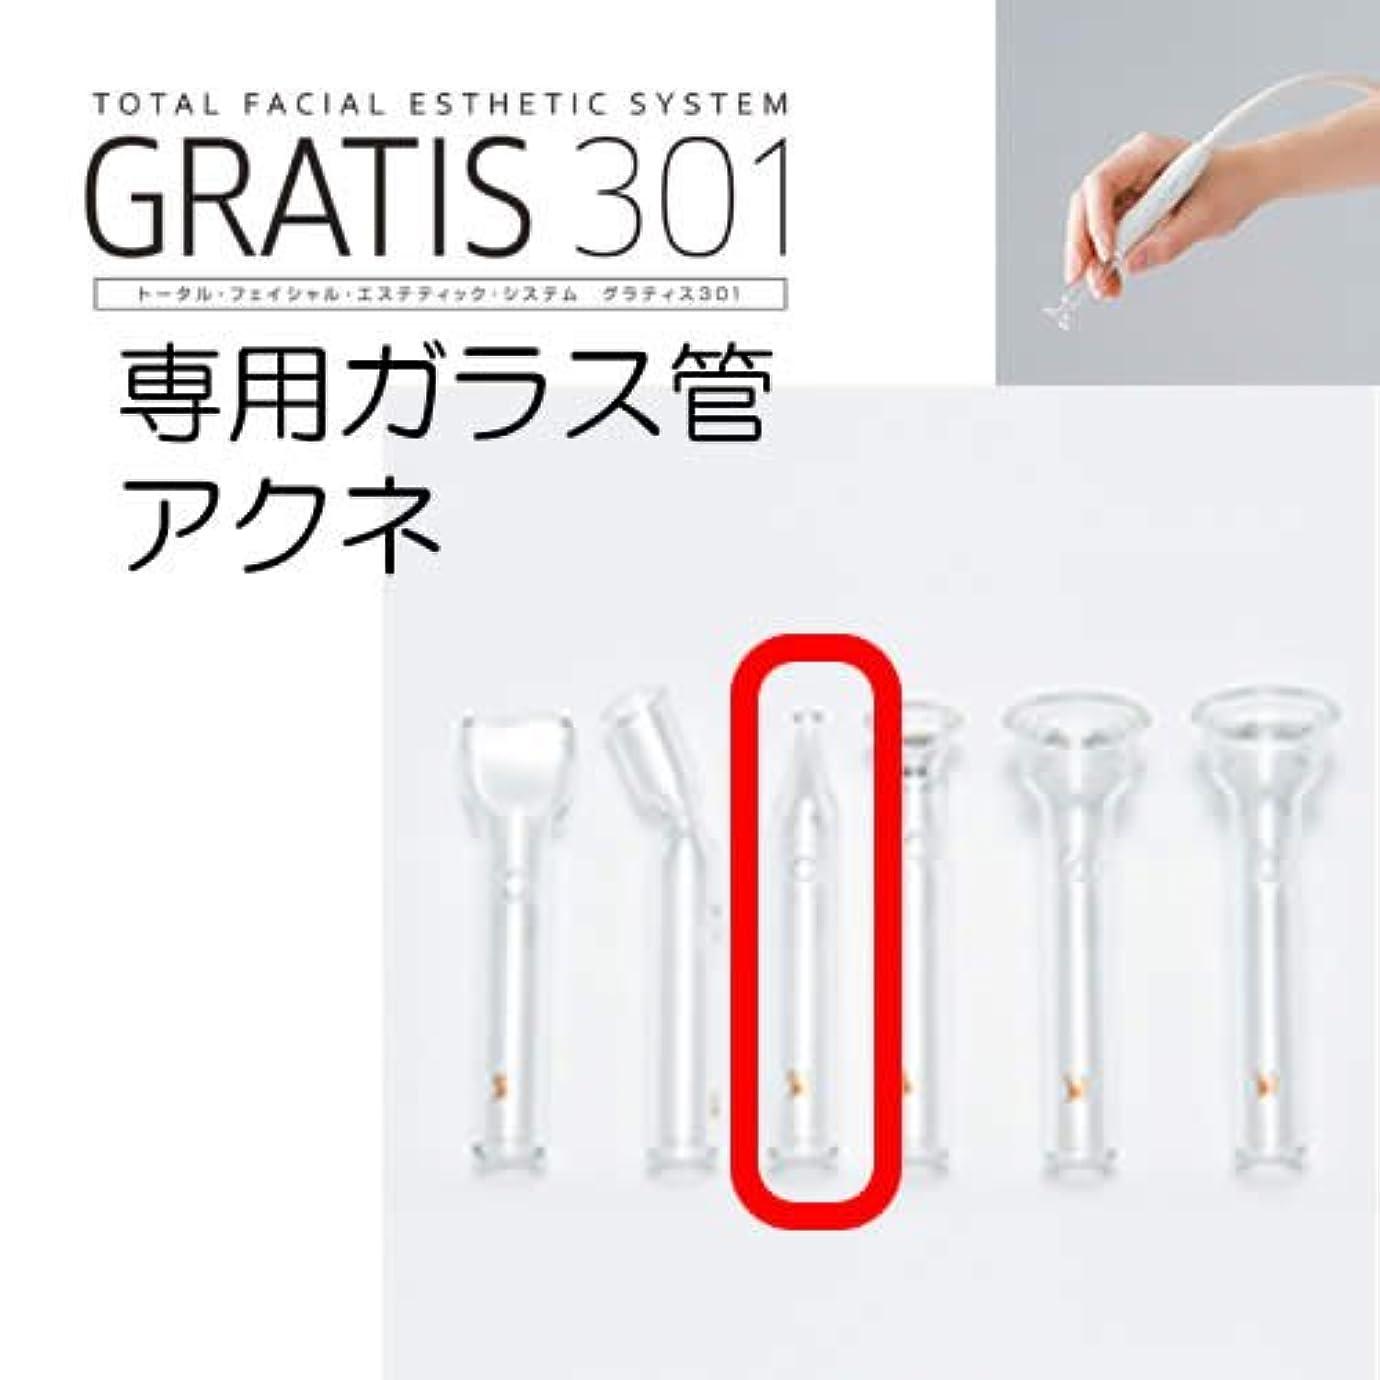 スリチンモイ交じる想像力GRATIS 301(グラティス301)専用ガラス管 アクネ(2本セット)